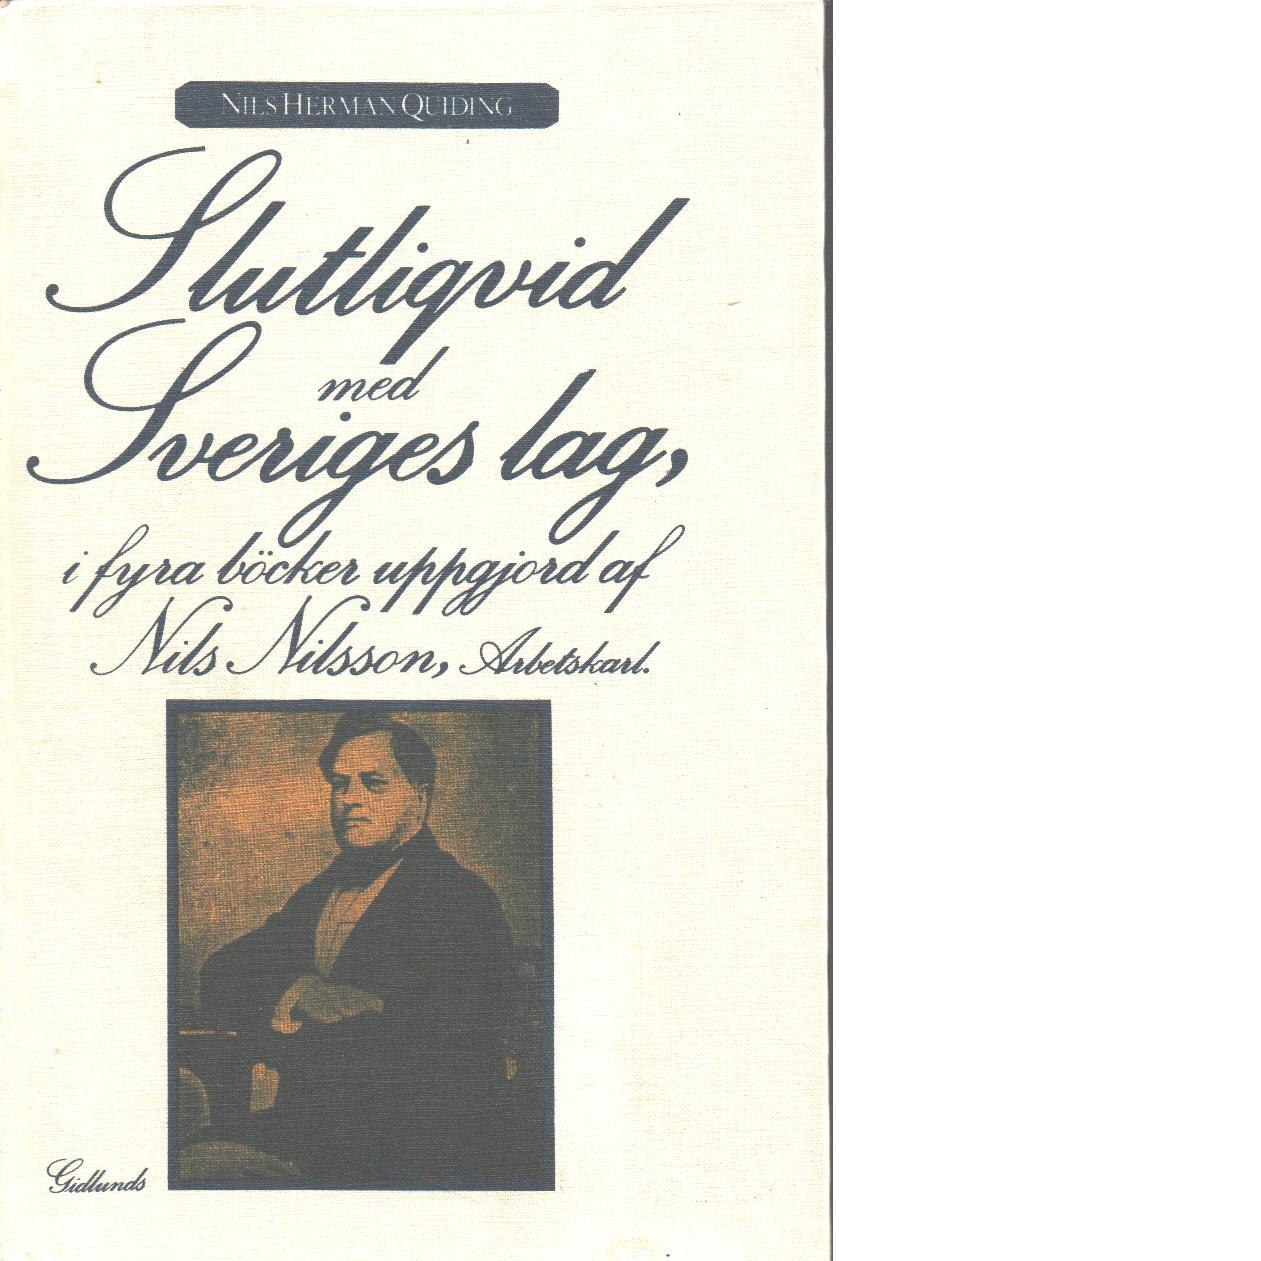 Slutliqvid med Sveriges lag / i fyra böcker uppgjord af Nils Nilsson, arbetskarl - Quiding, Nils Herman